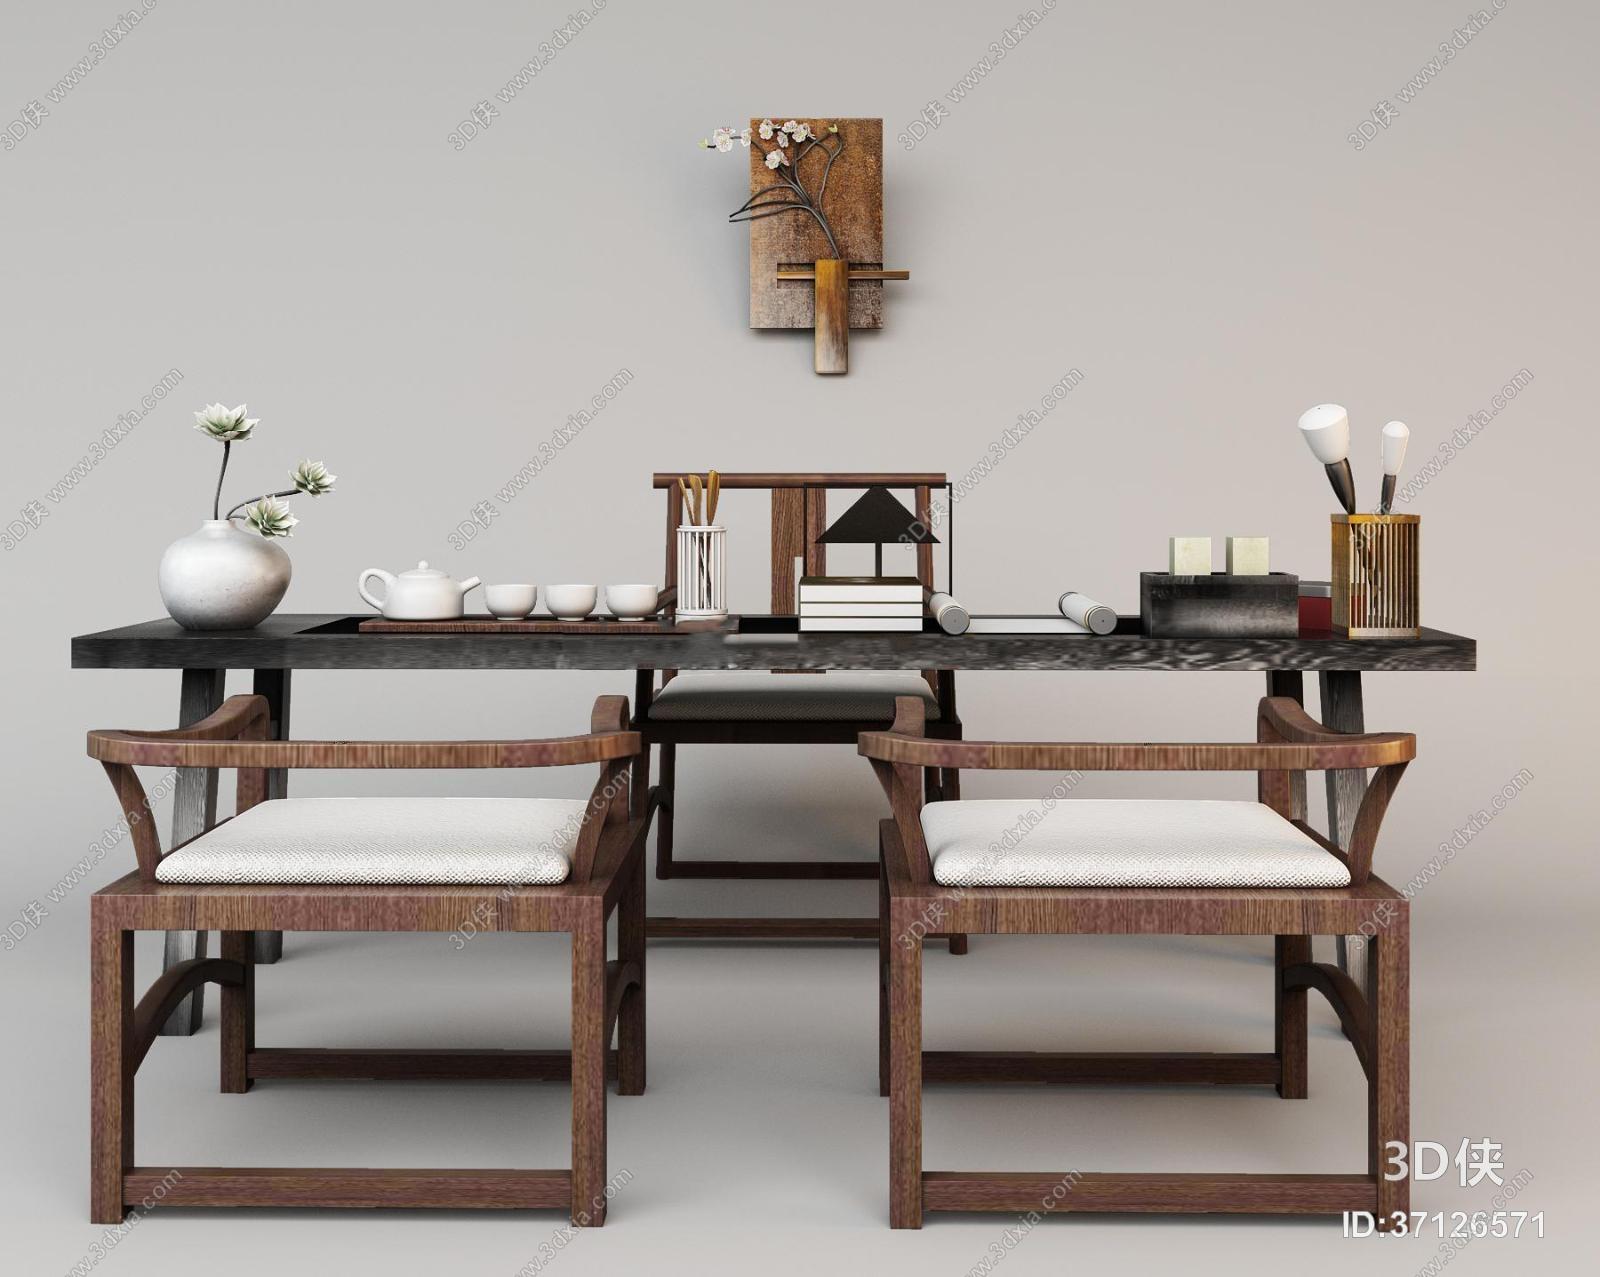 书桌椅效果图素材免费下载,本作品主题是中式茶台桌椅组合3d模型,编号